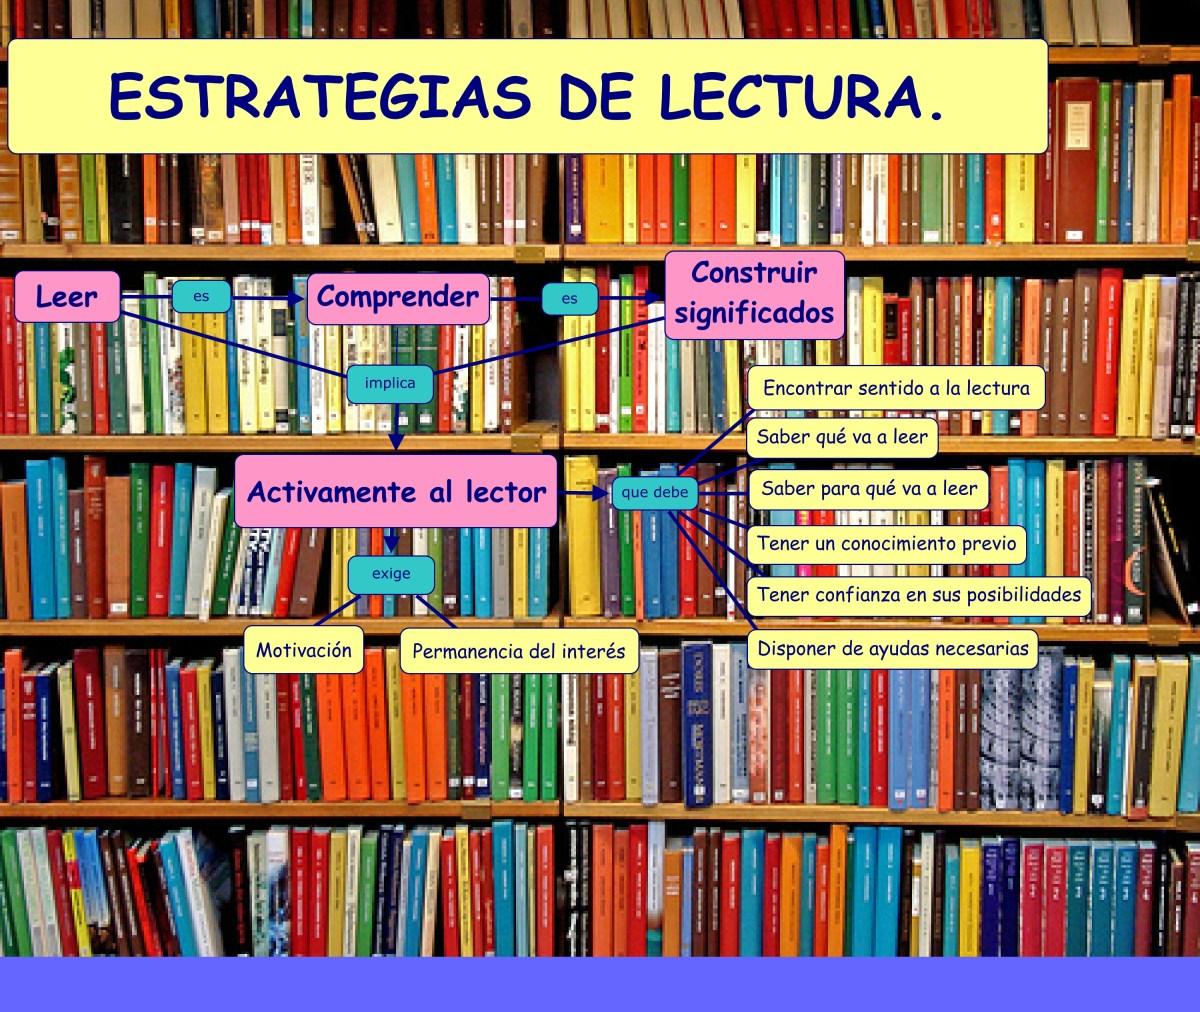 Estrategias de lectura | Lenguaje y Comunicación